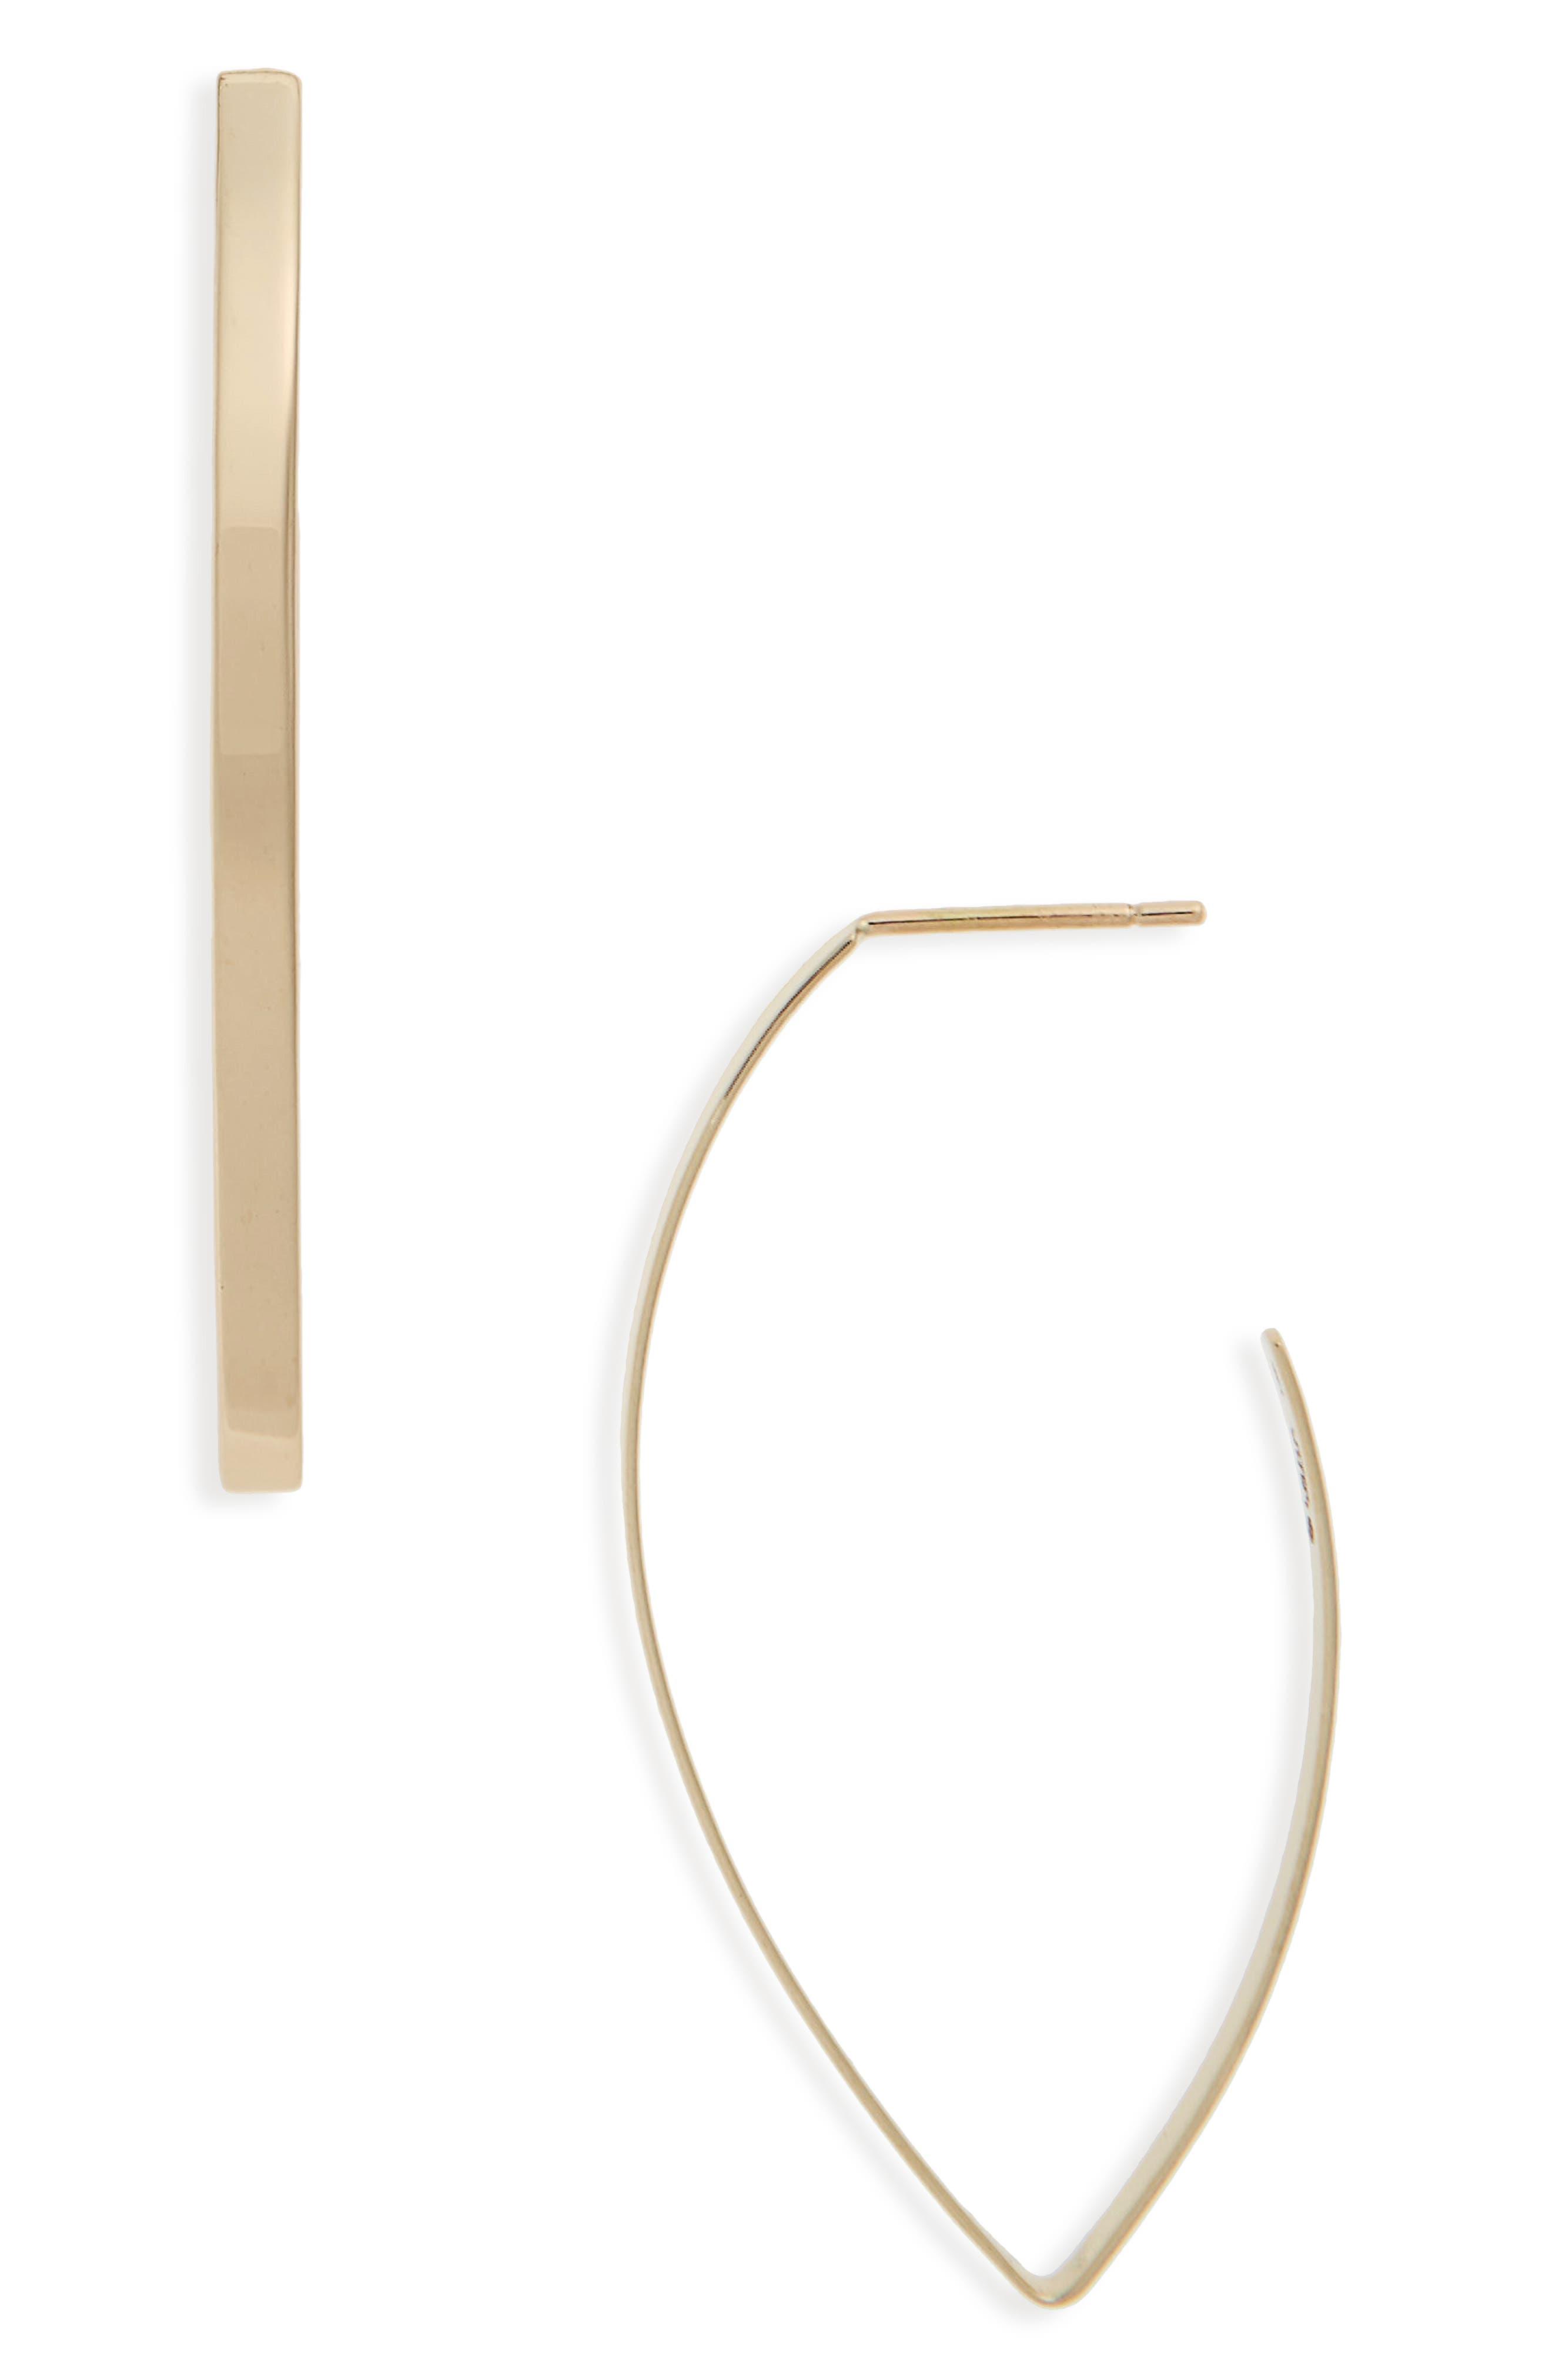 Blake Marquise Hoop Earrings